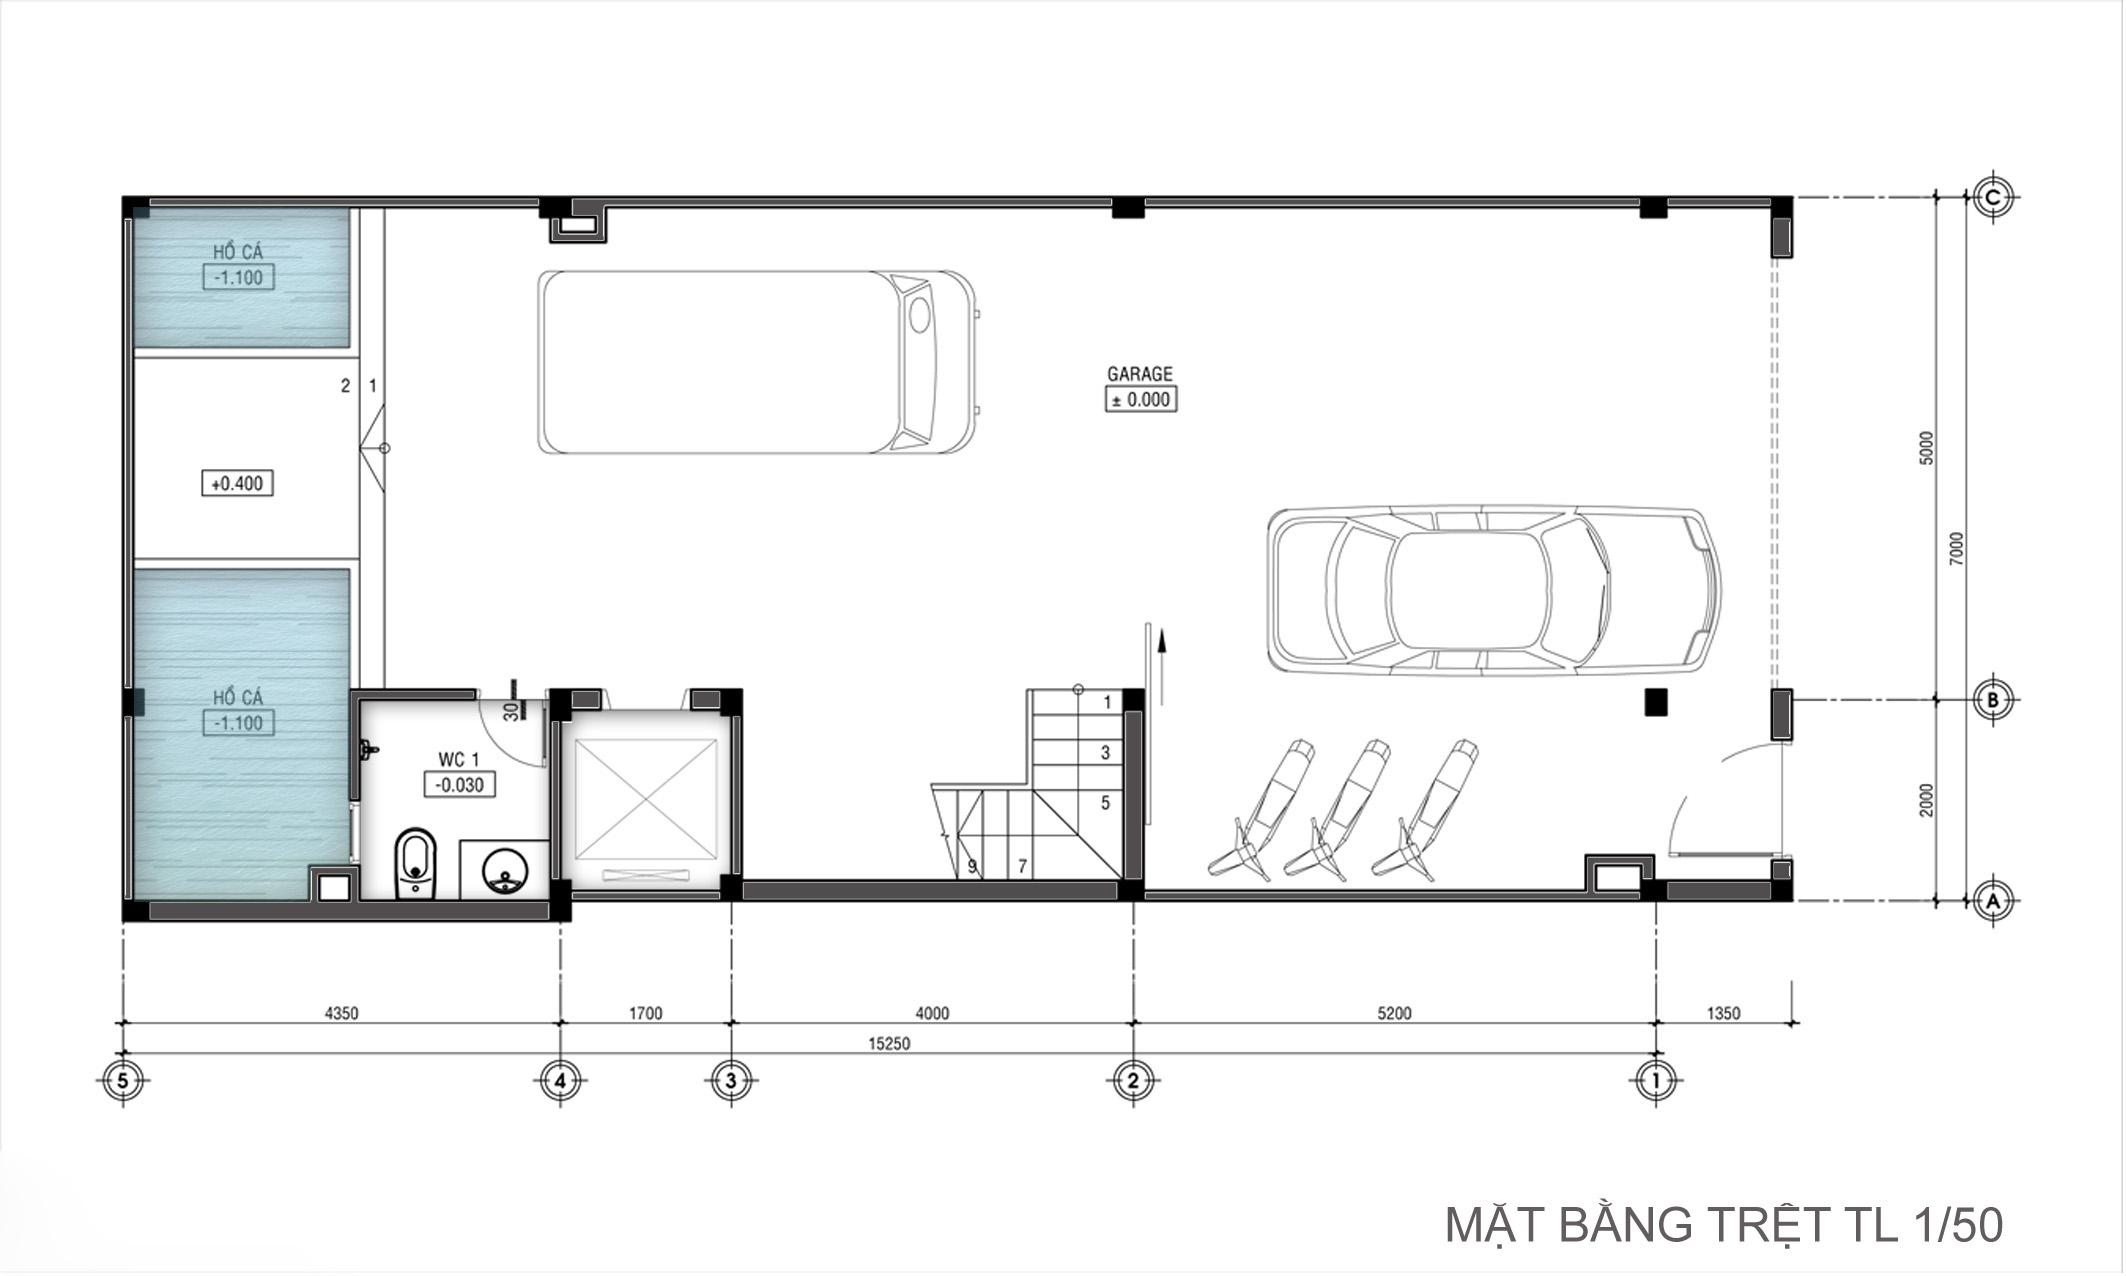 Thiết kế nhà ống hiện đại 3 tầng 7x15m công năng linh hoạt - 3